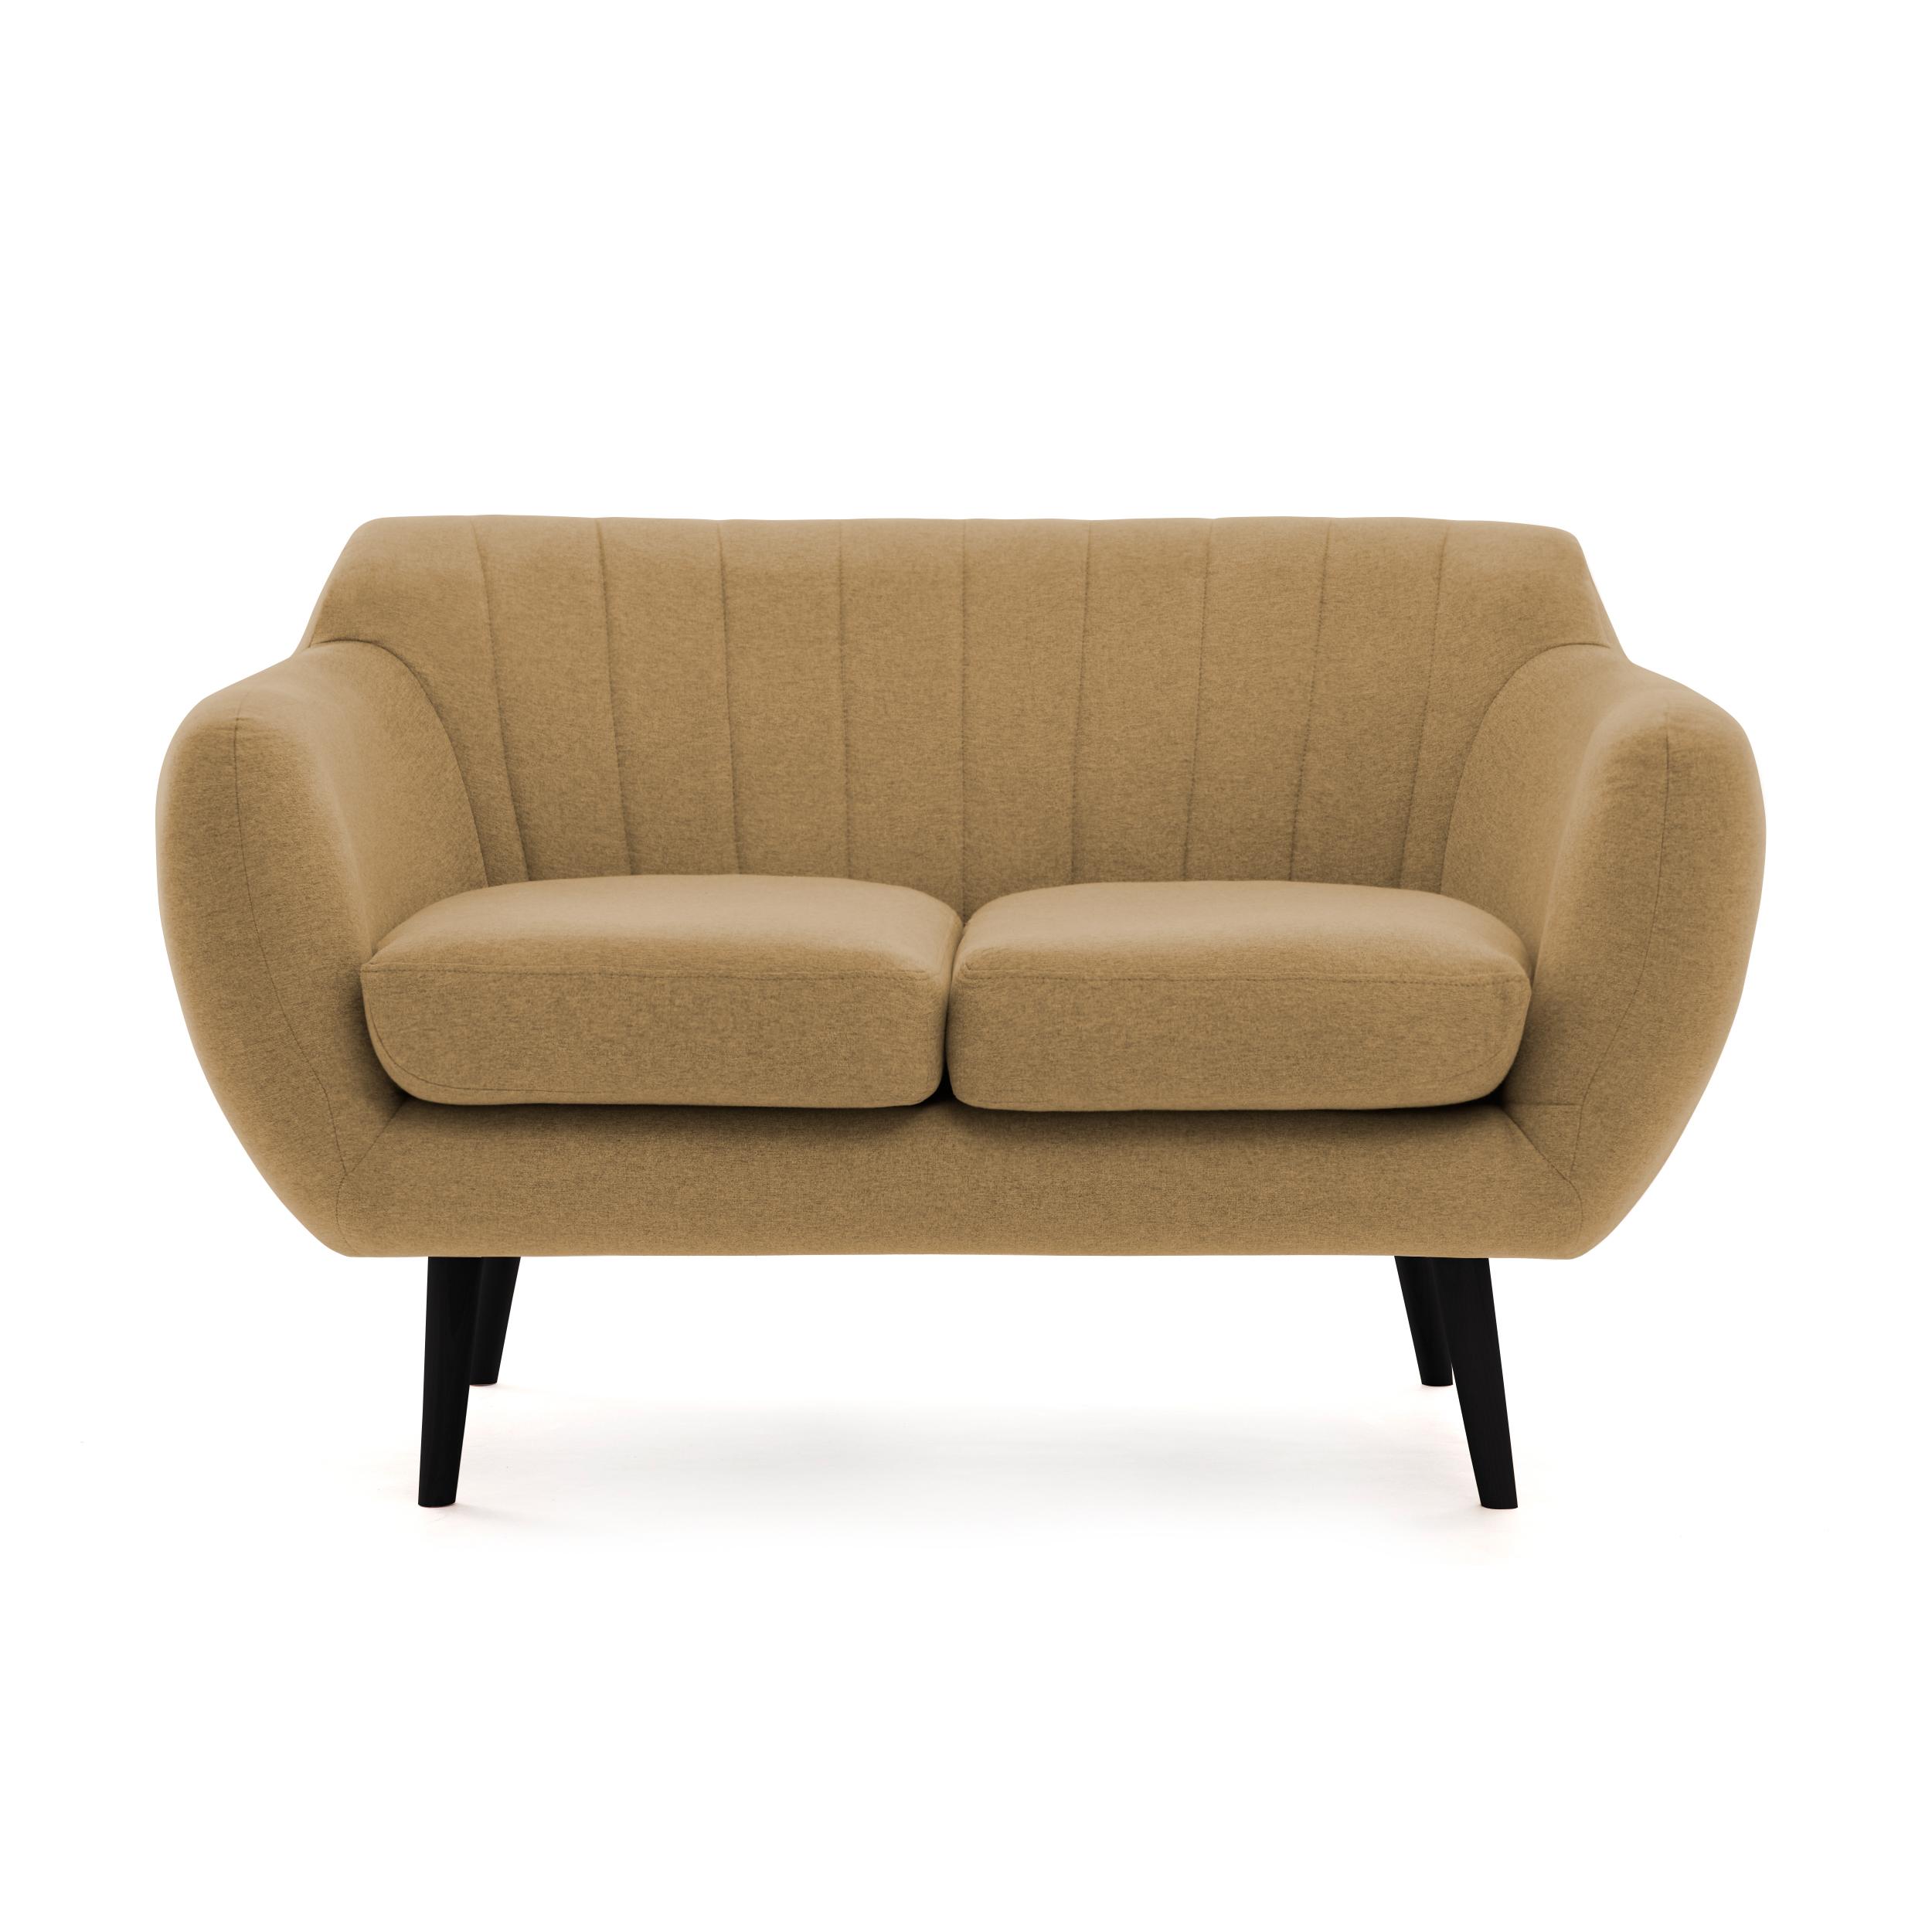 Canapea Fixa 2 locuri Kennet Sand II